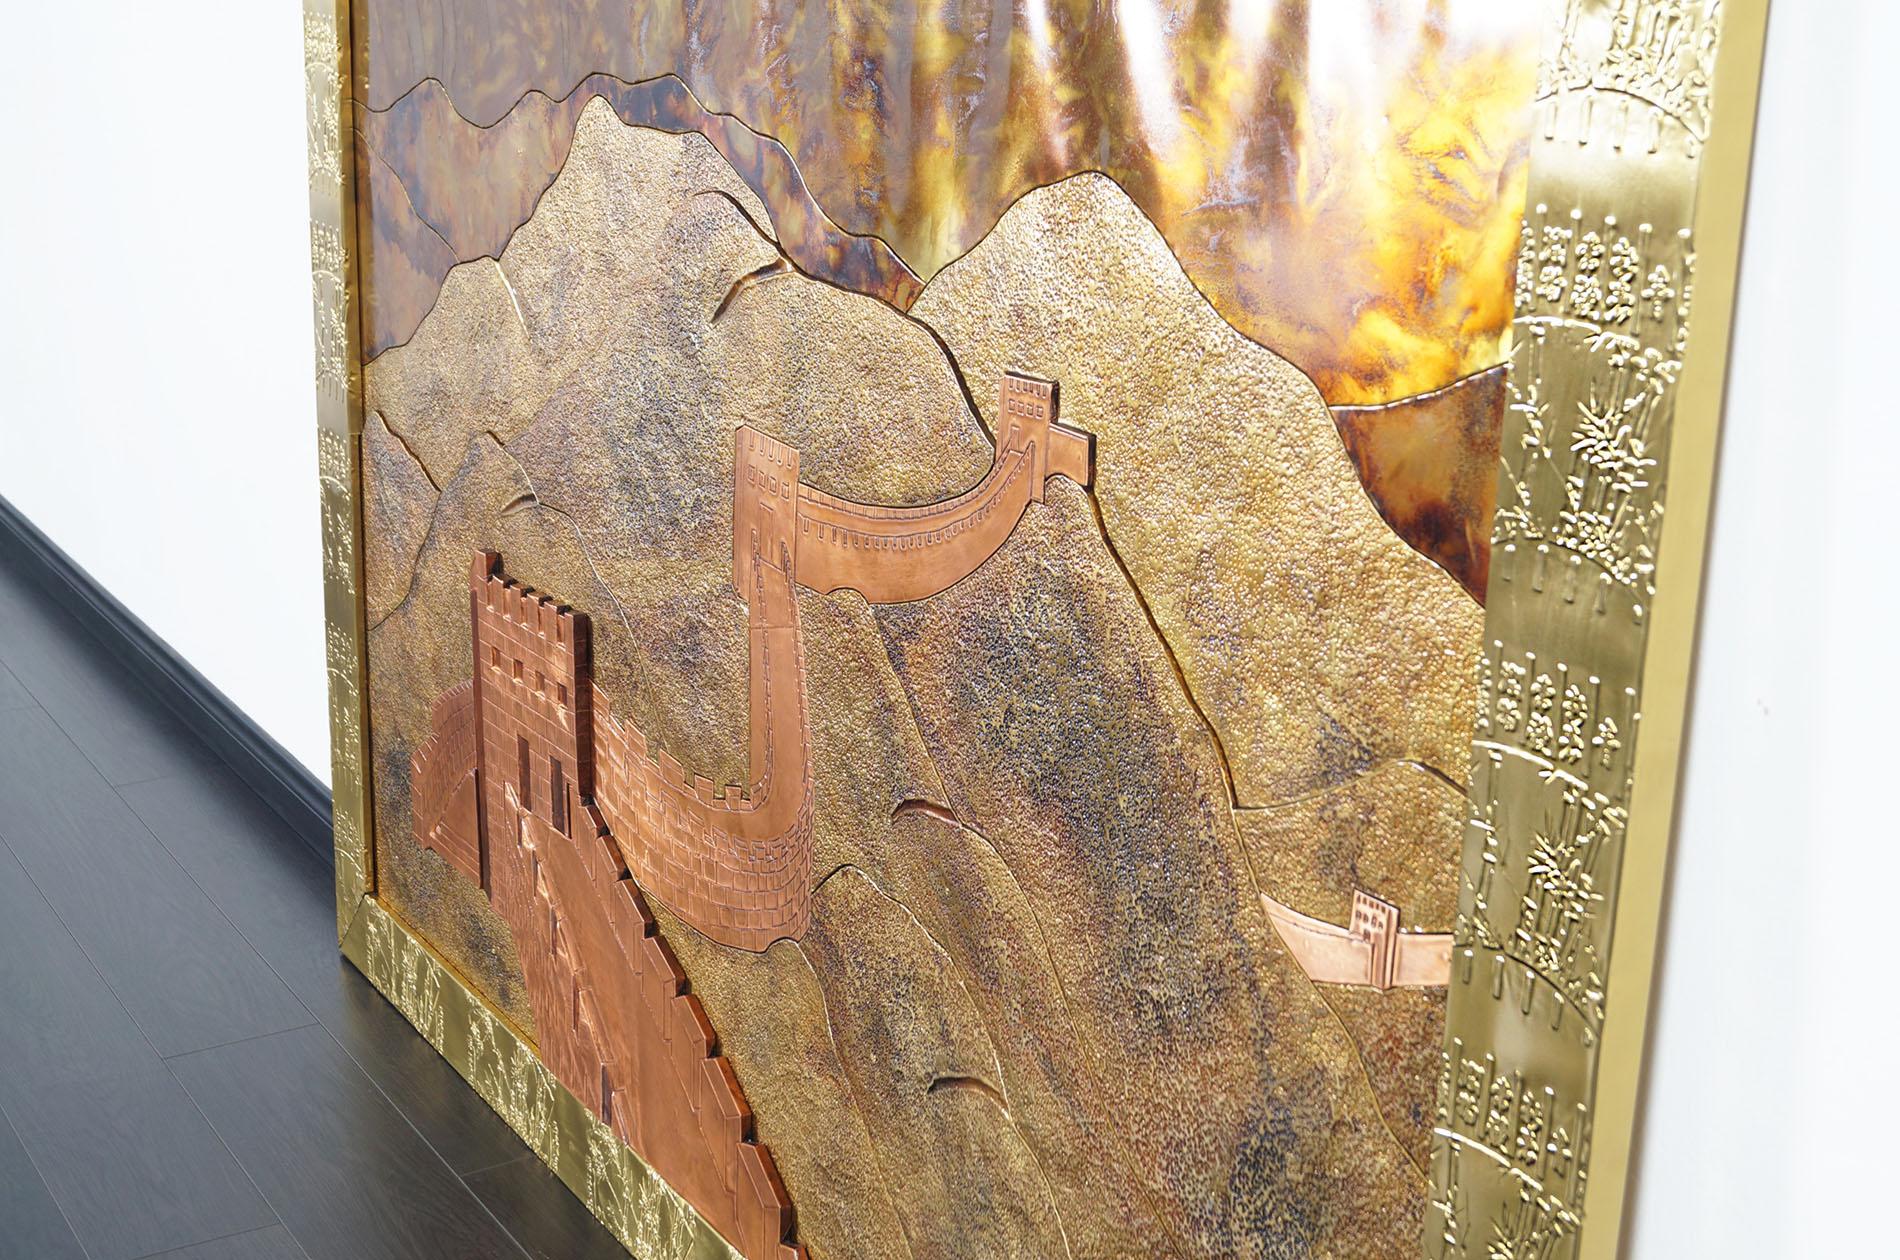 Vintage Great Wall of China Wall Art